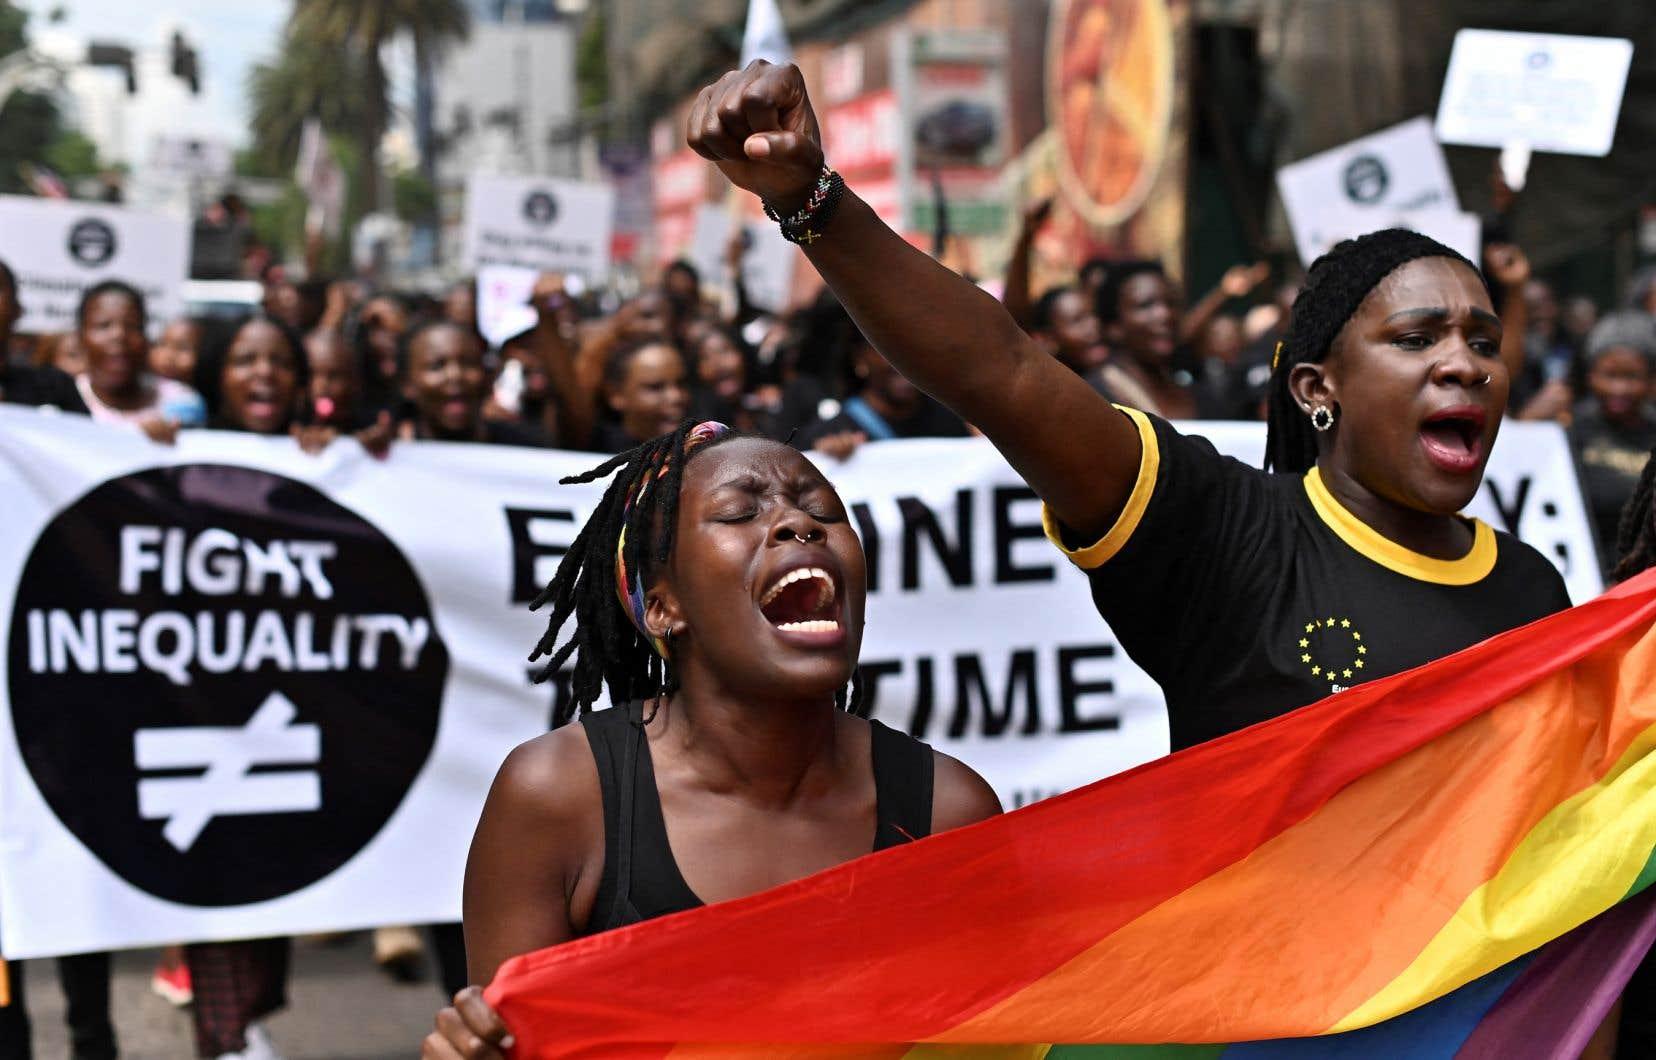 En février seulement, 3 membres de la communauté LGBTQ+ ont été tués et au moins 27 ont été arrêtés sous différents prétextes de sexualité déviante [au Cameroun].